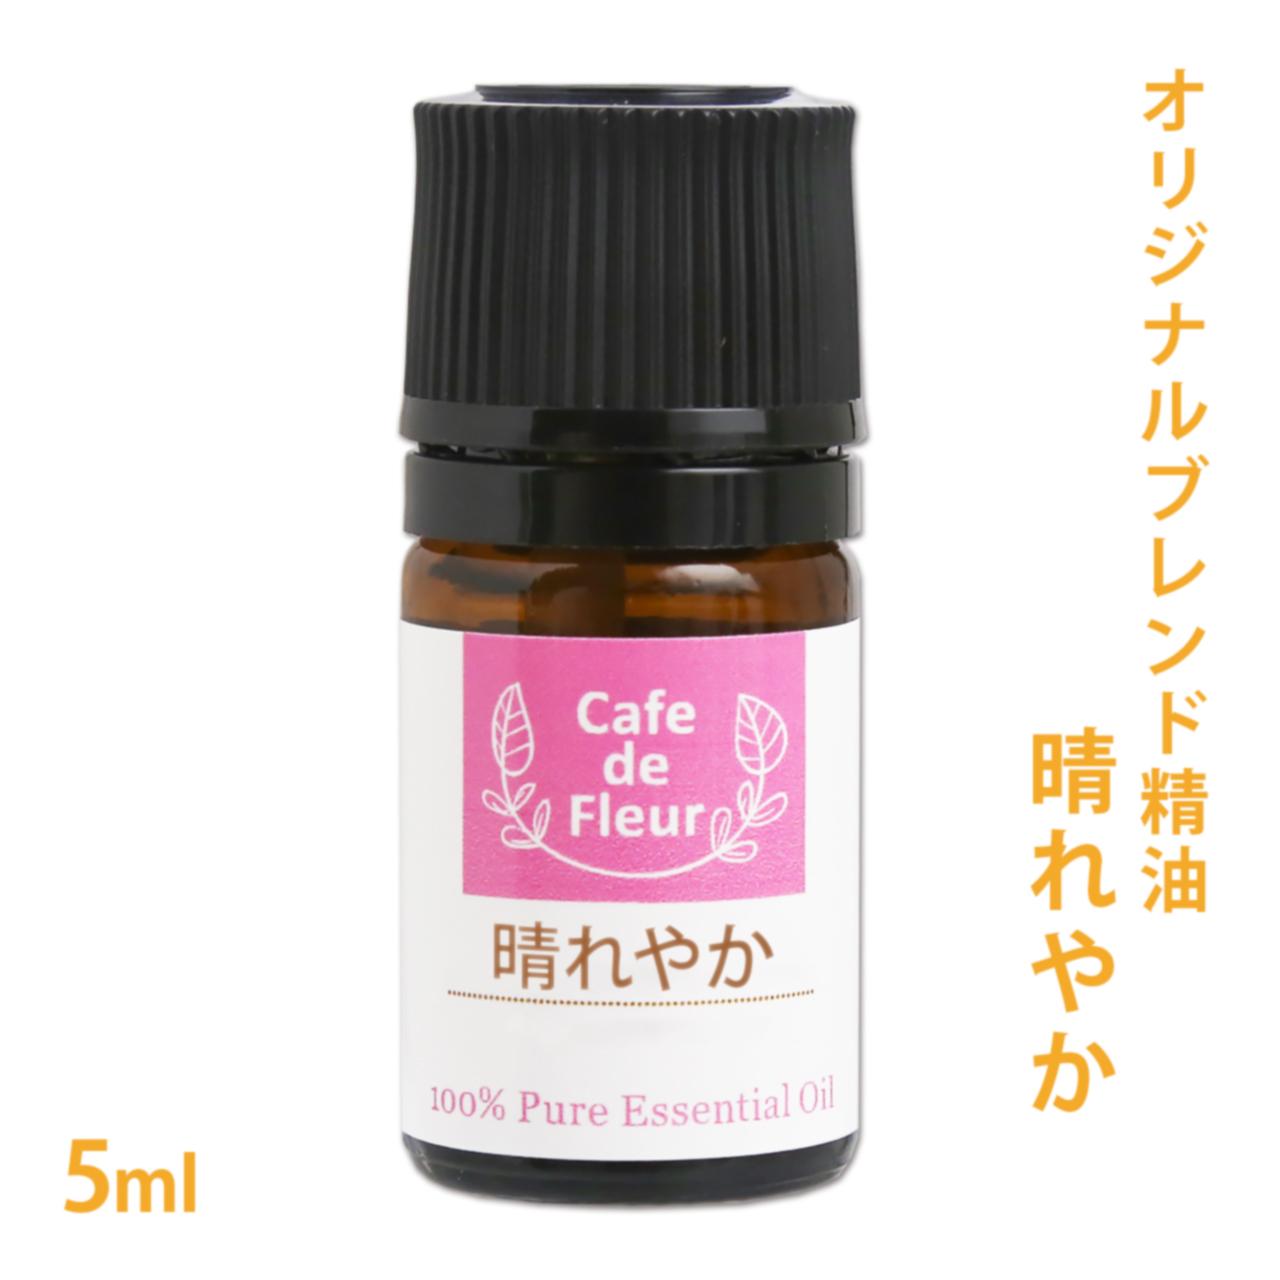 心地よさを大切にブレンドしたオリジナルブレンド精油です。100%天然のエッセンシャルオイル使用。  【オリジナルブレンド精油】 晴れやか 5ml [100%ピュア/ラベンダー・アングスティフォリア/ヒノキ/アルベンシスミント/カモミール・ローマン/ゼラニウム・エジプト] 【精油/エッセンシャルオイル/Cafe de Fleur/アロマテラピー】【2007aroma】